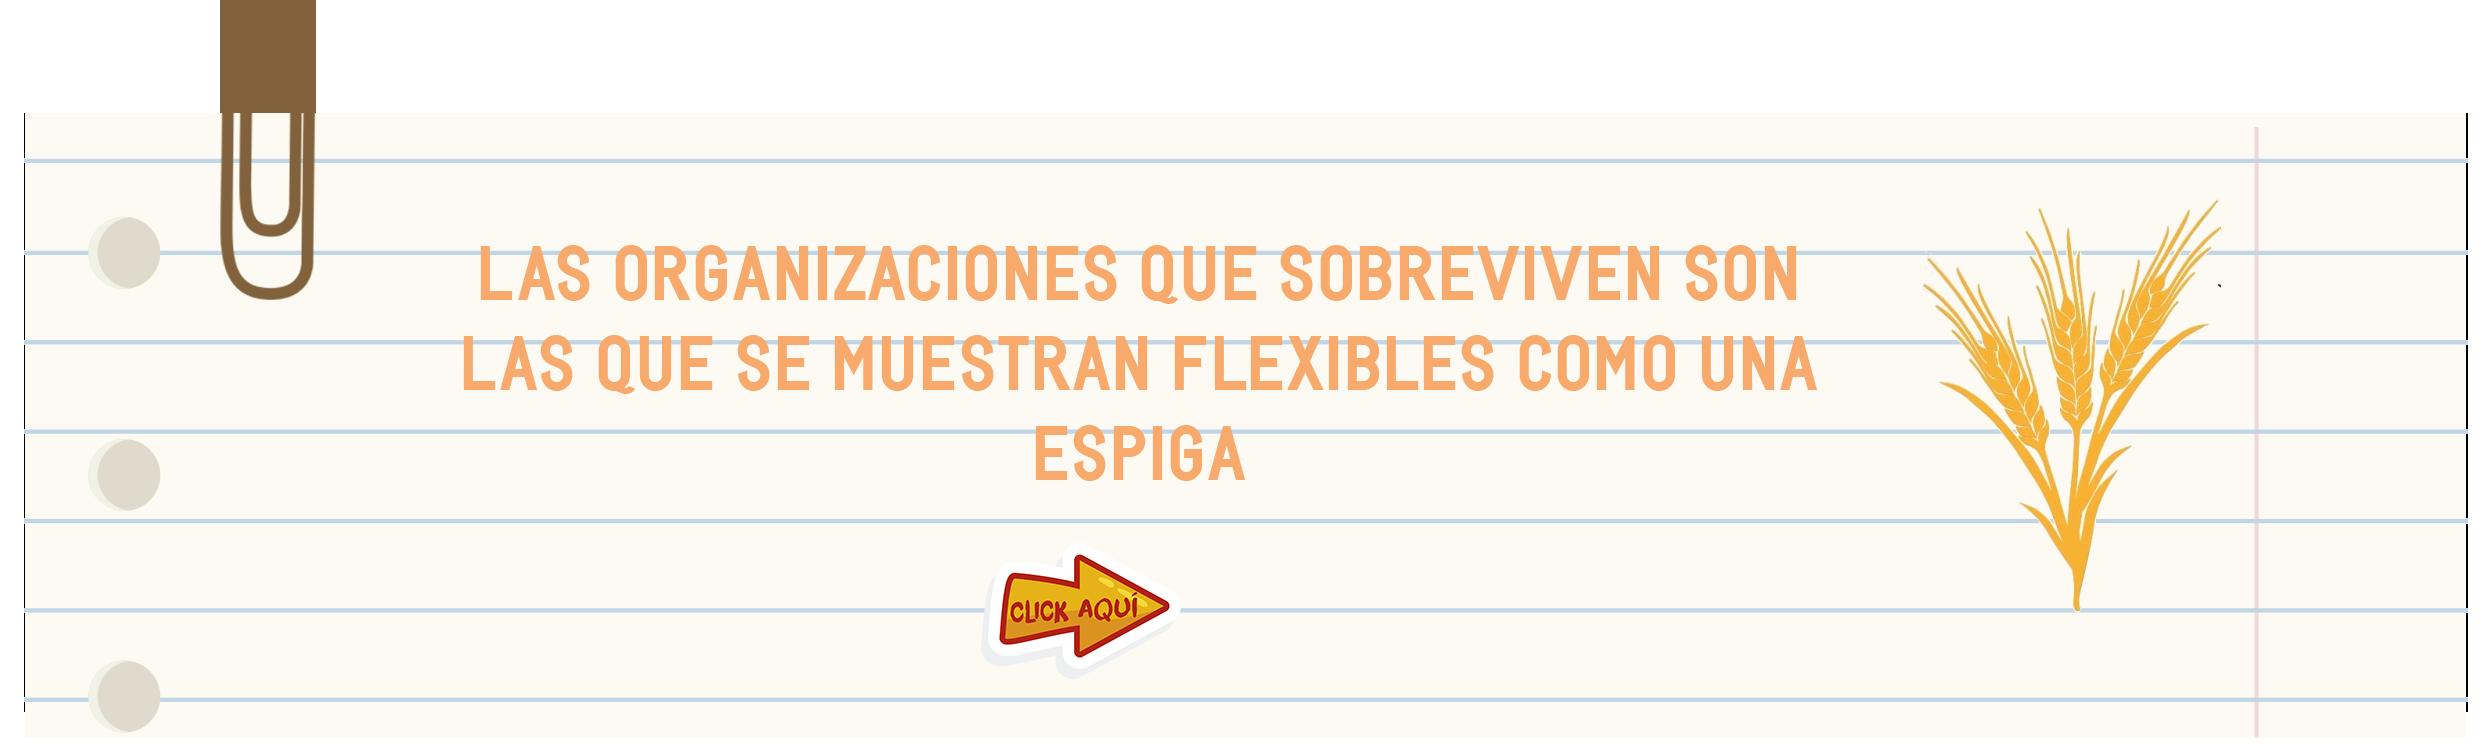 flexibilidad_psicologica_cultura_organizacional.png